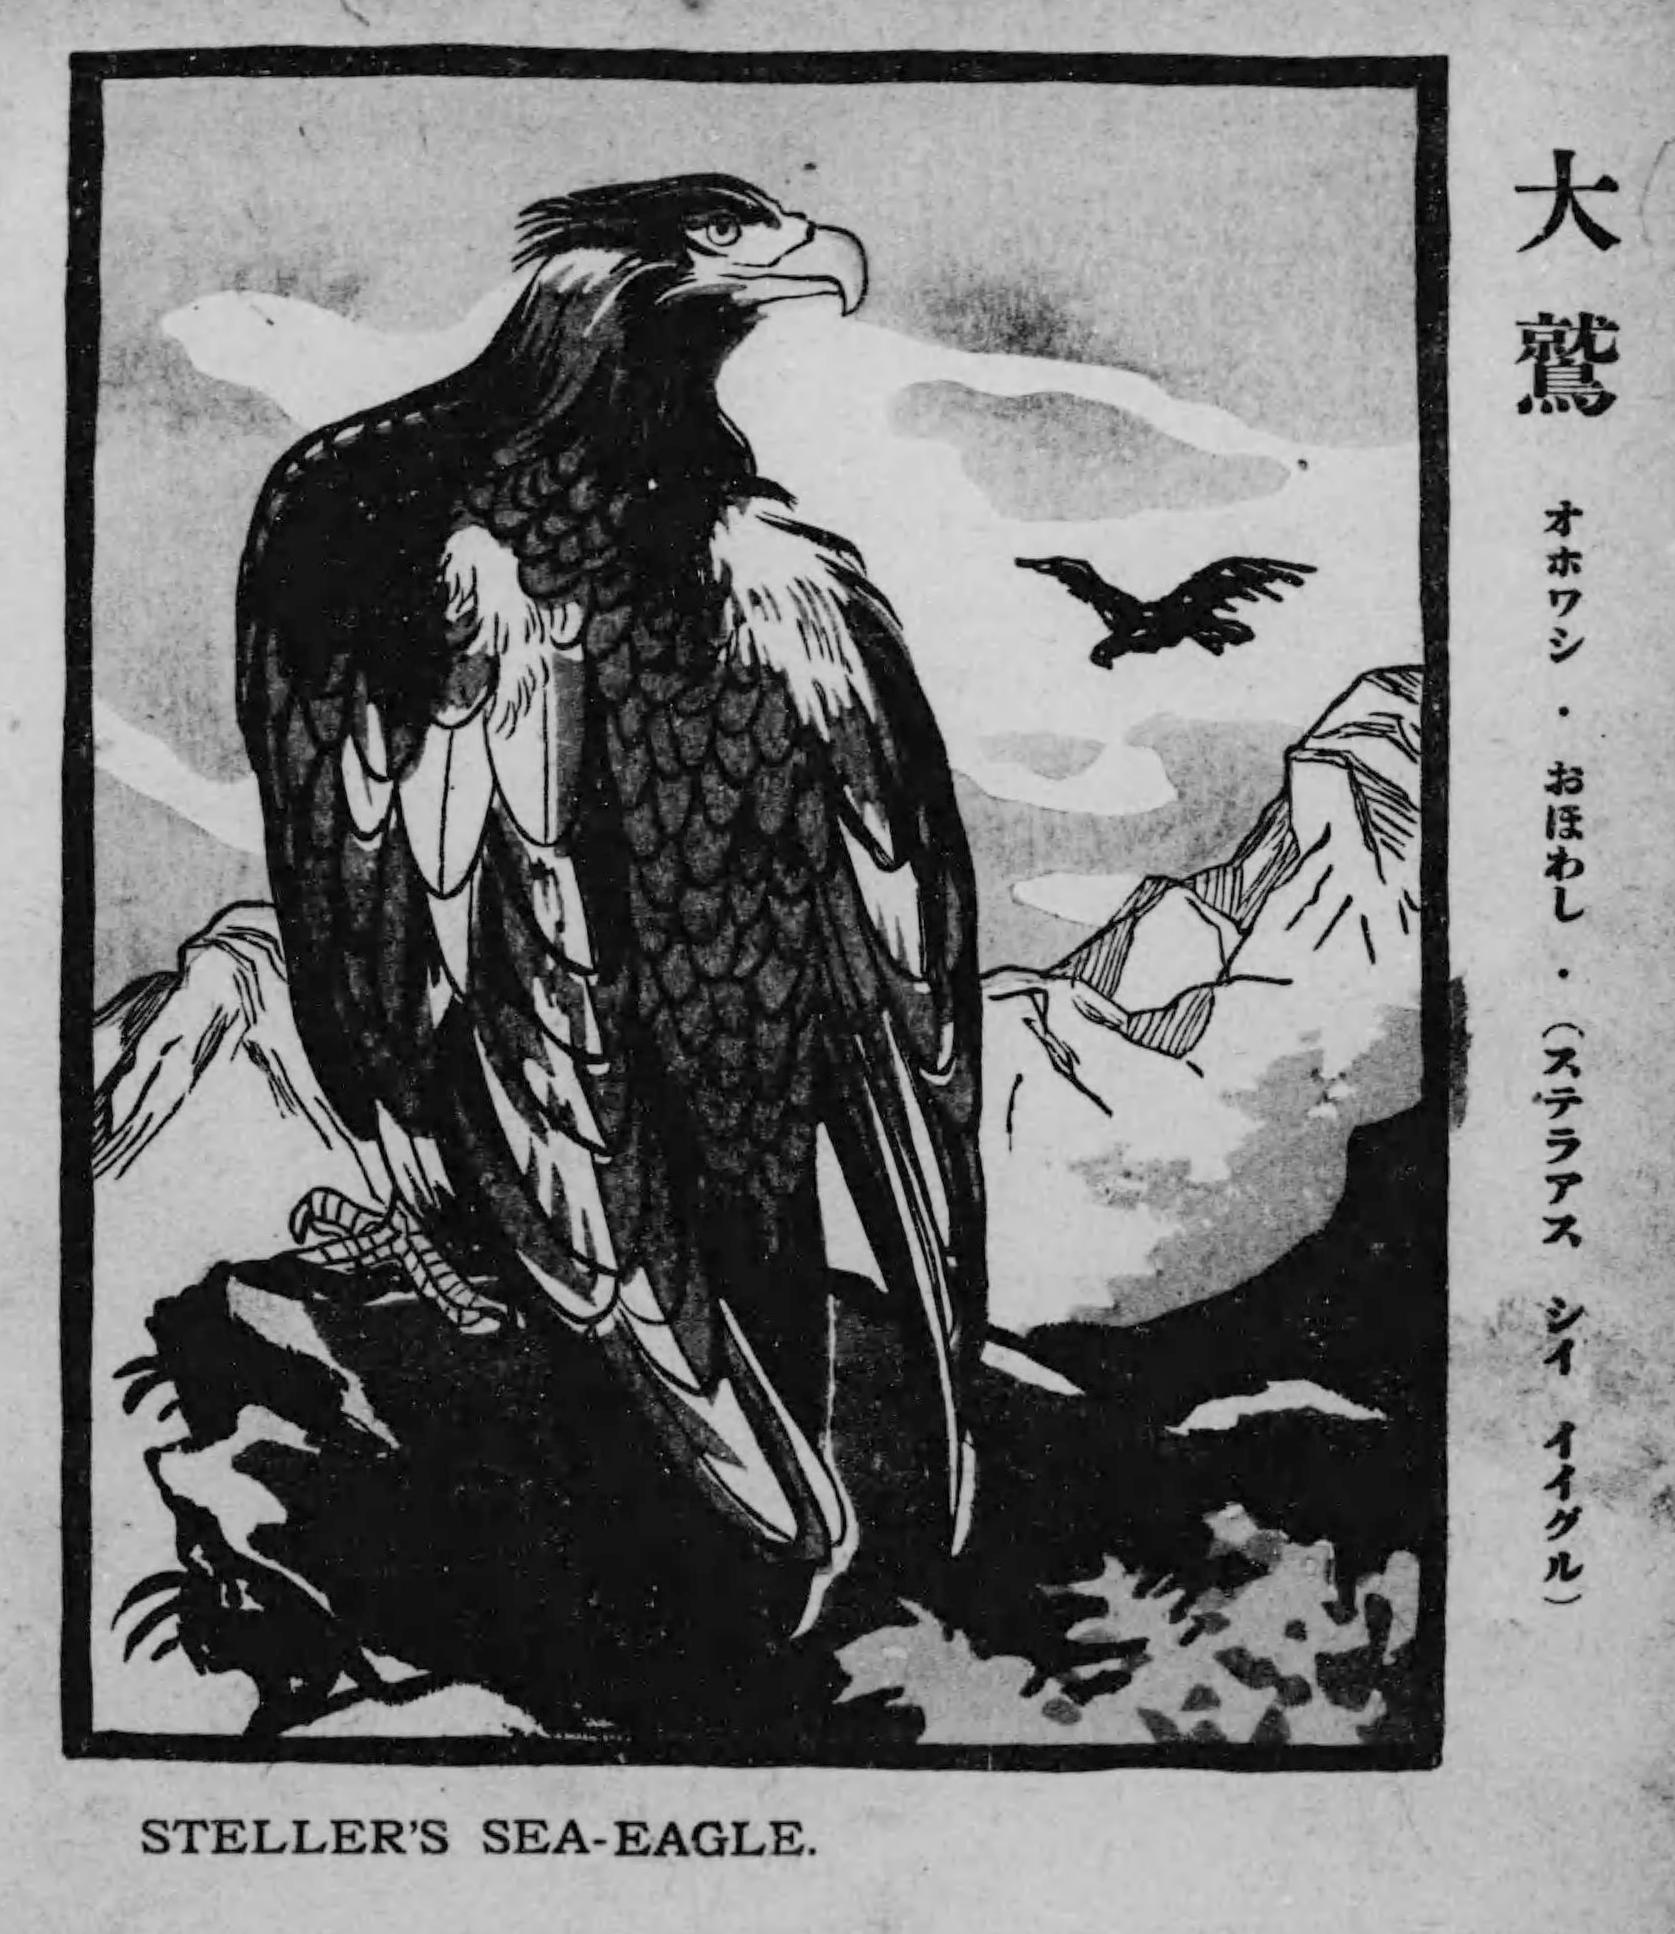 Steller's_sea_eagle.png